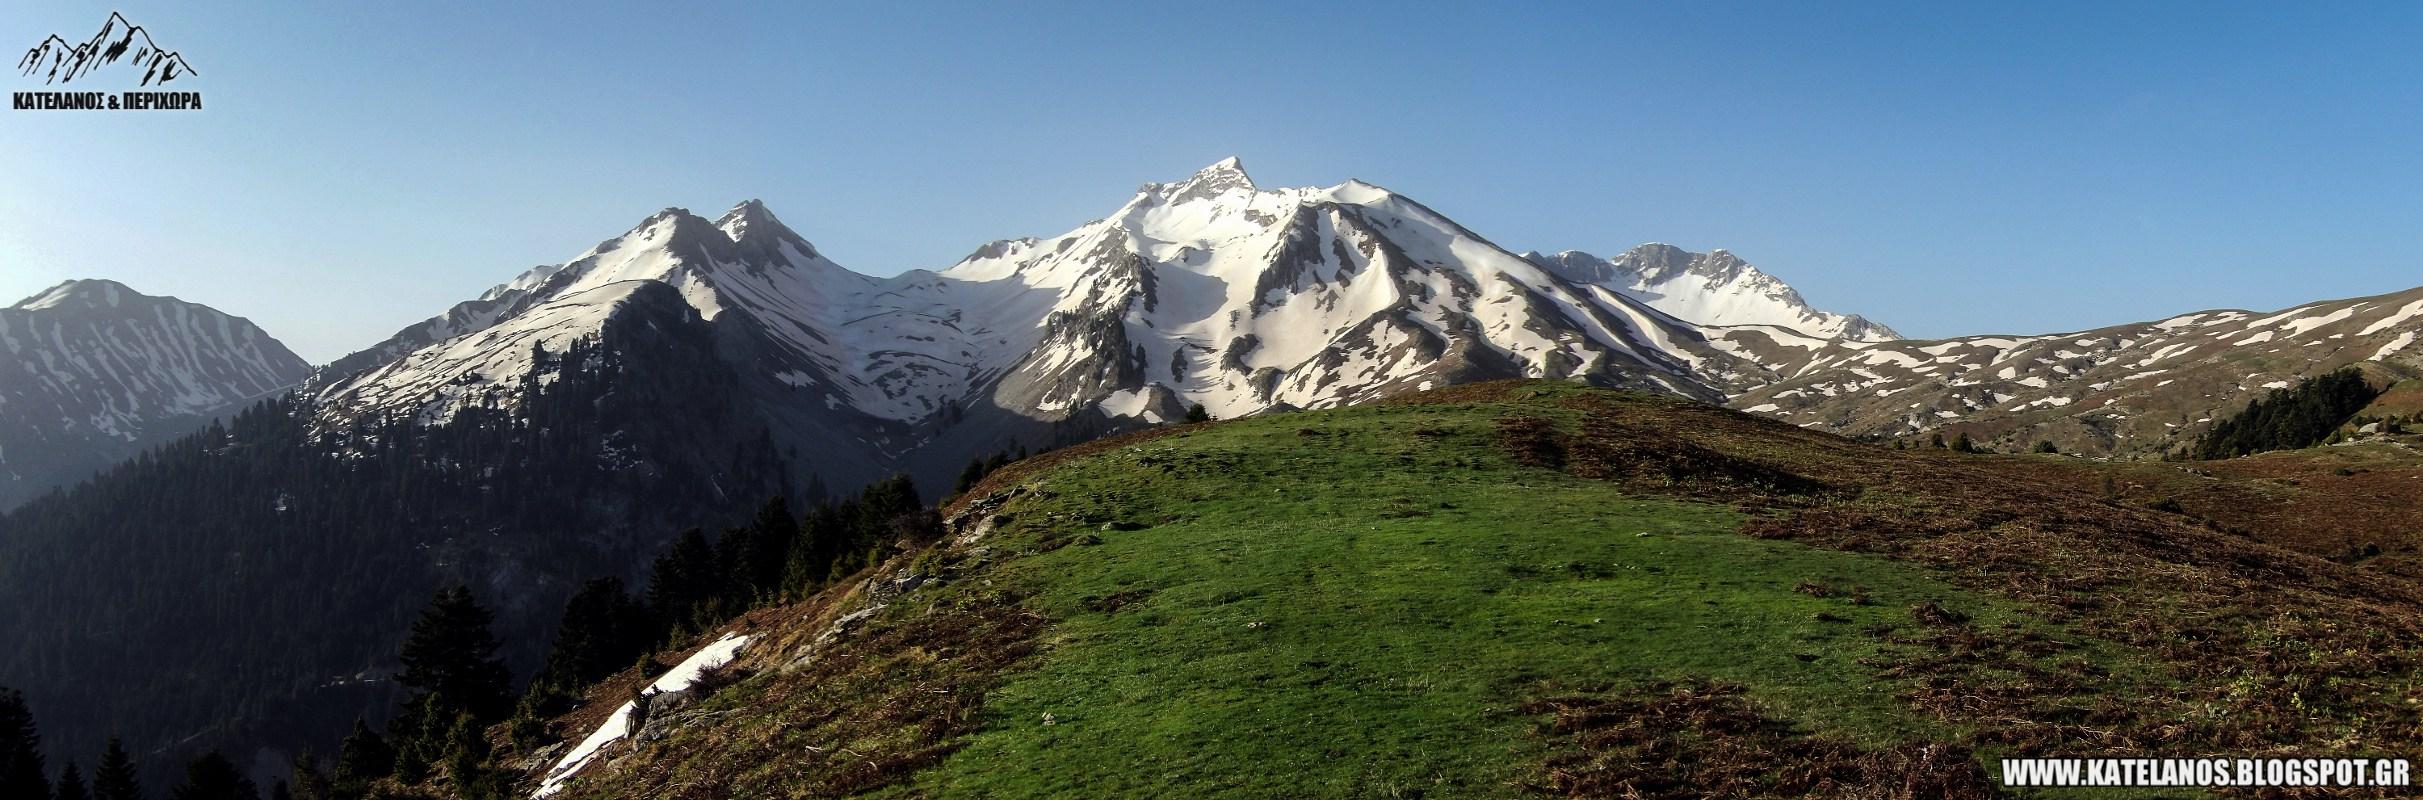 μαλοραχη ορος χατζη τρικαλα βουνο